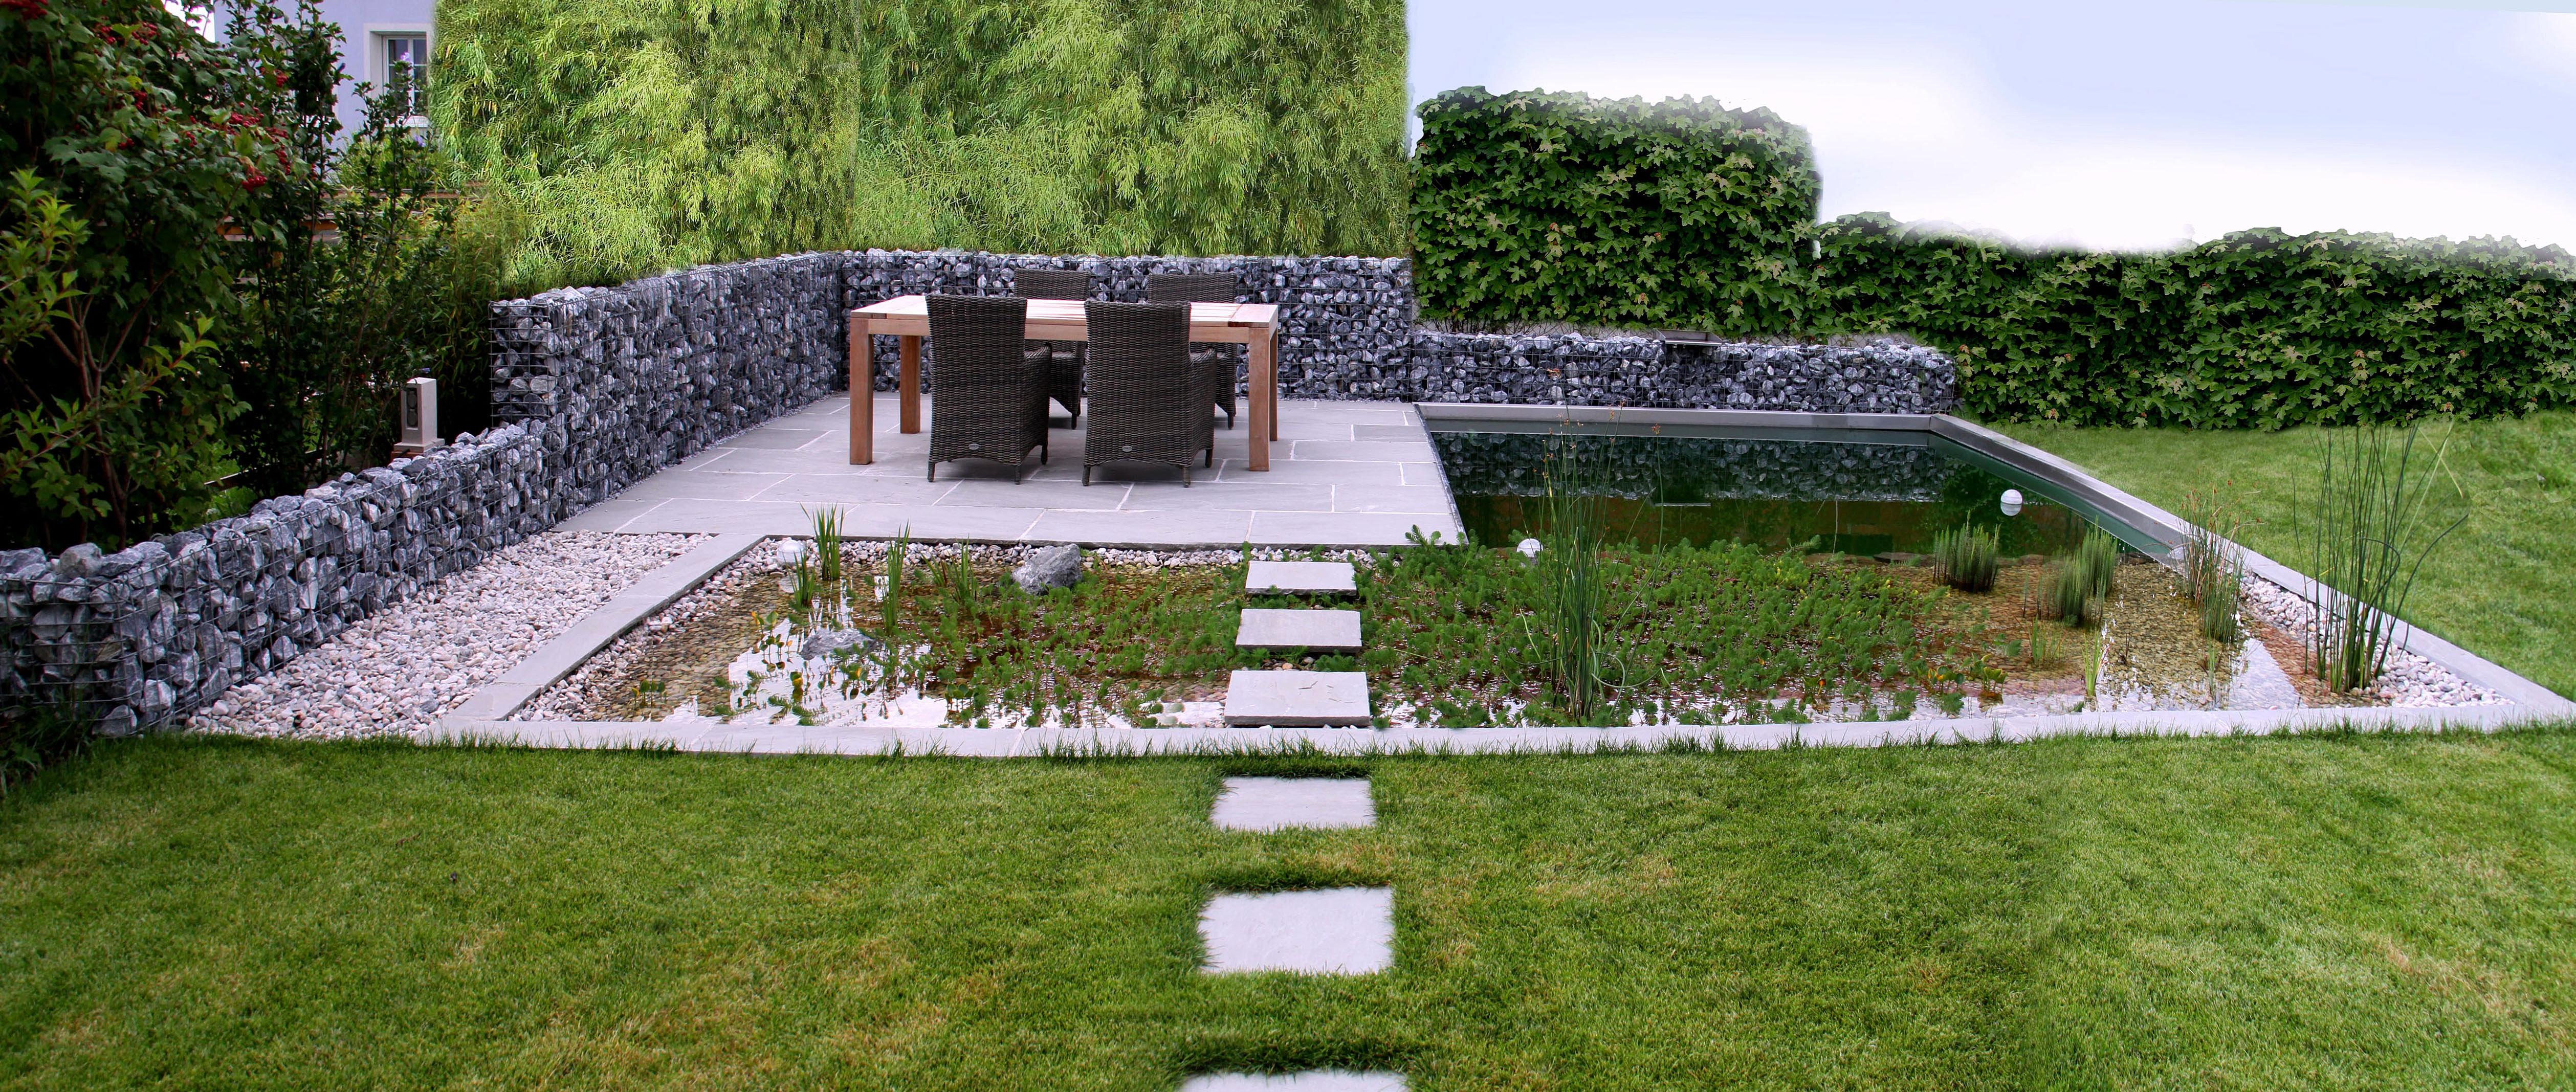 Naturpool Tattendorf Gartengestaltung Peter Reinisch